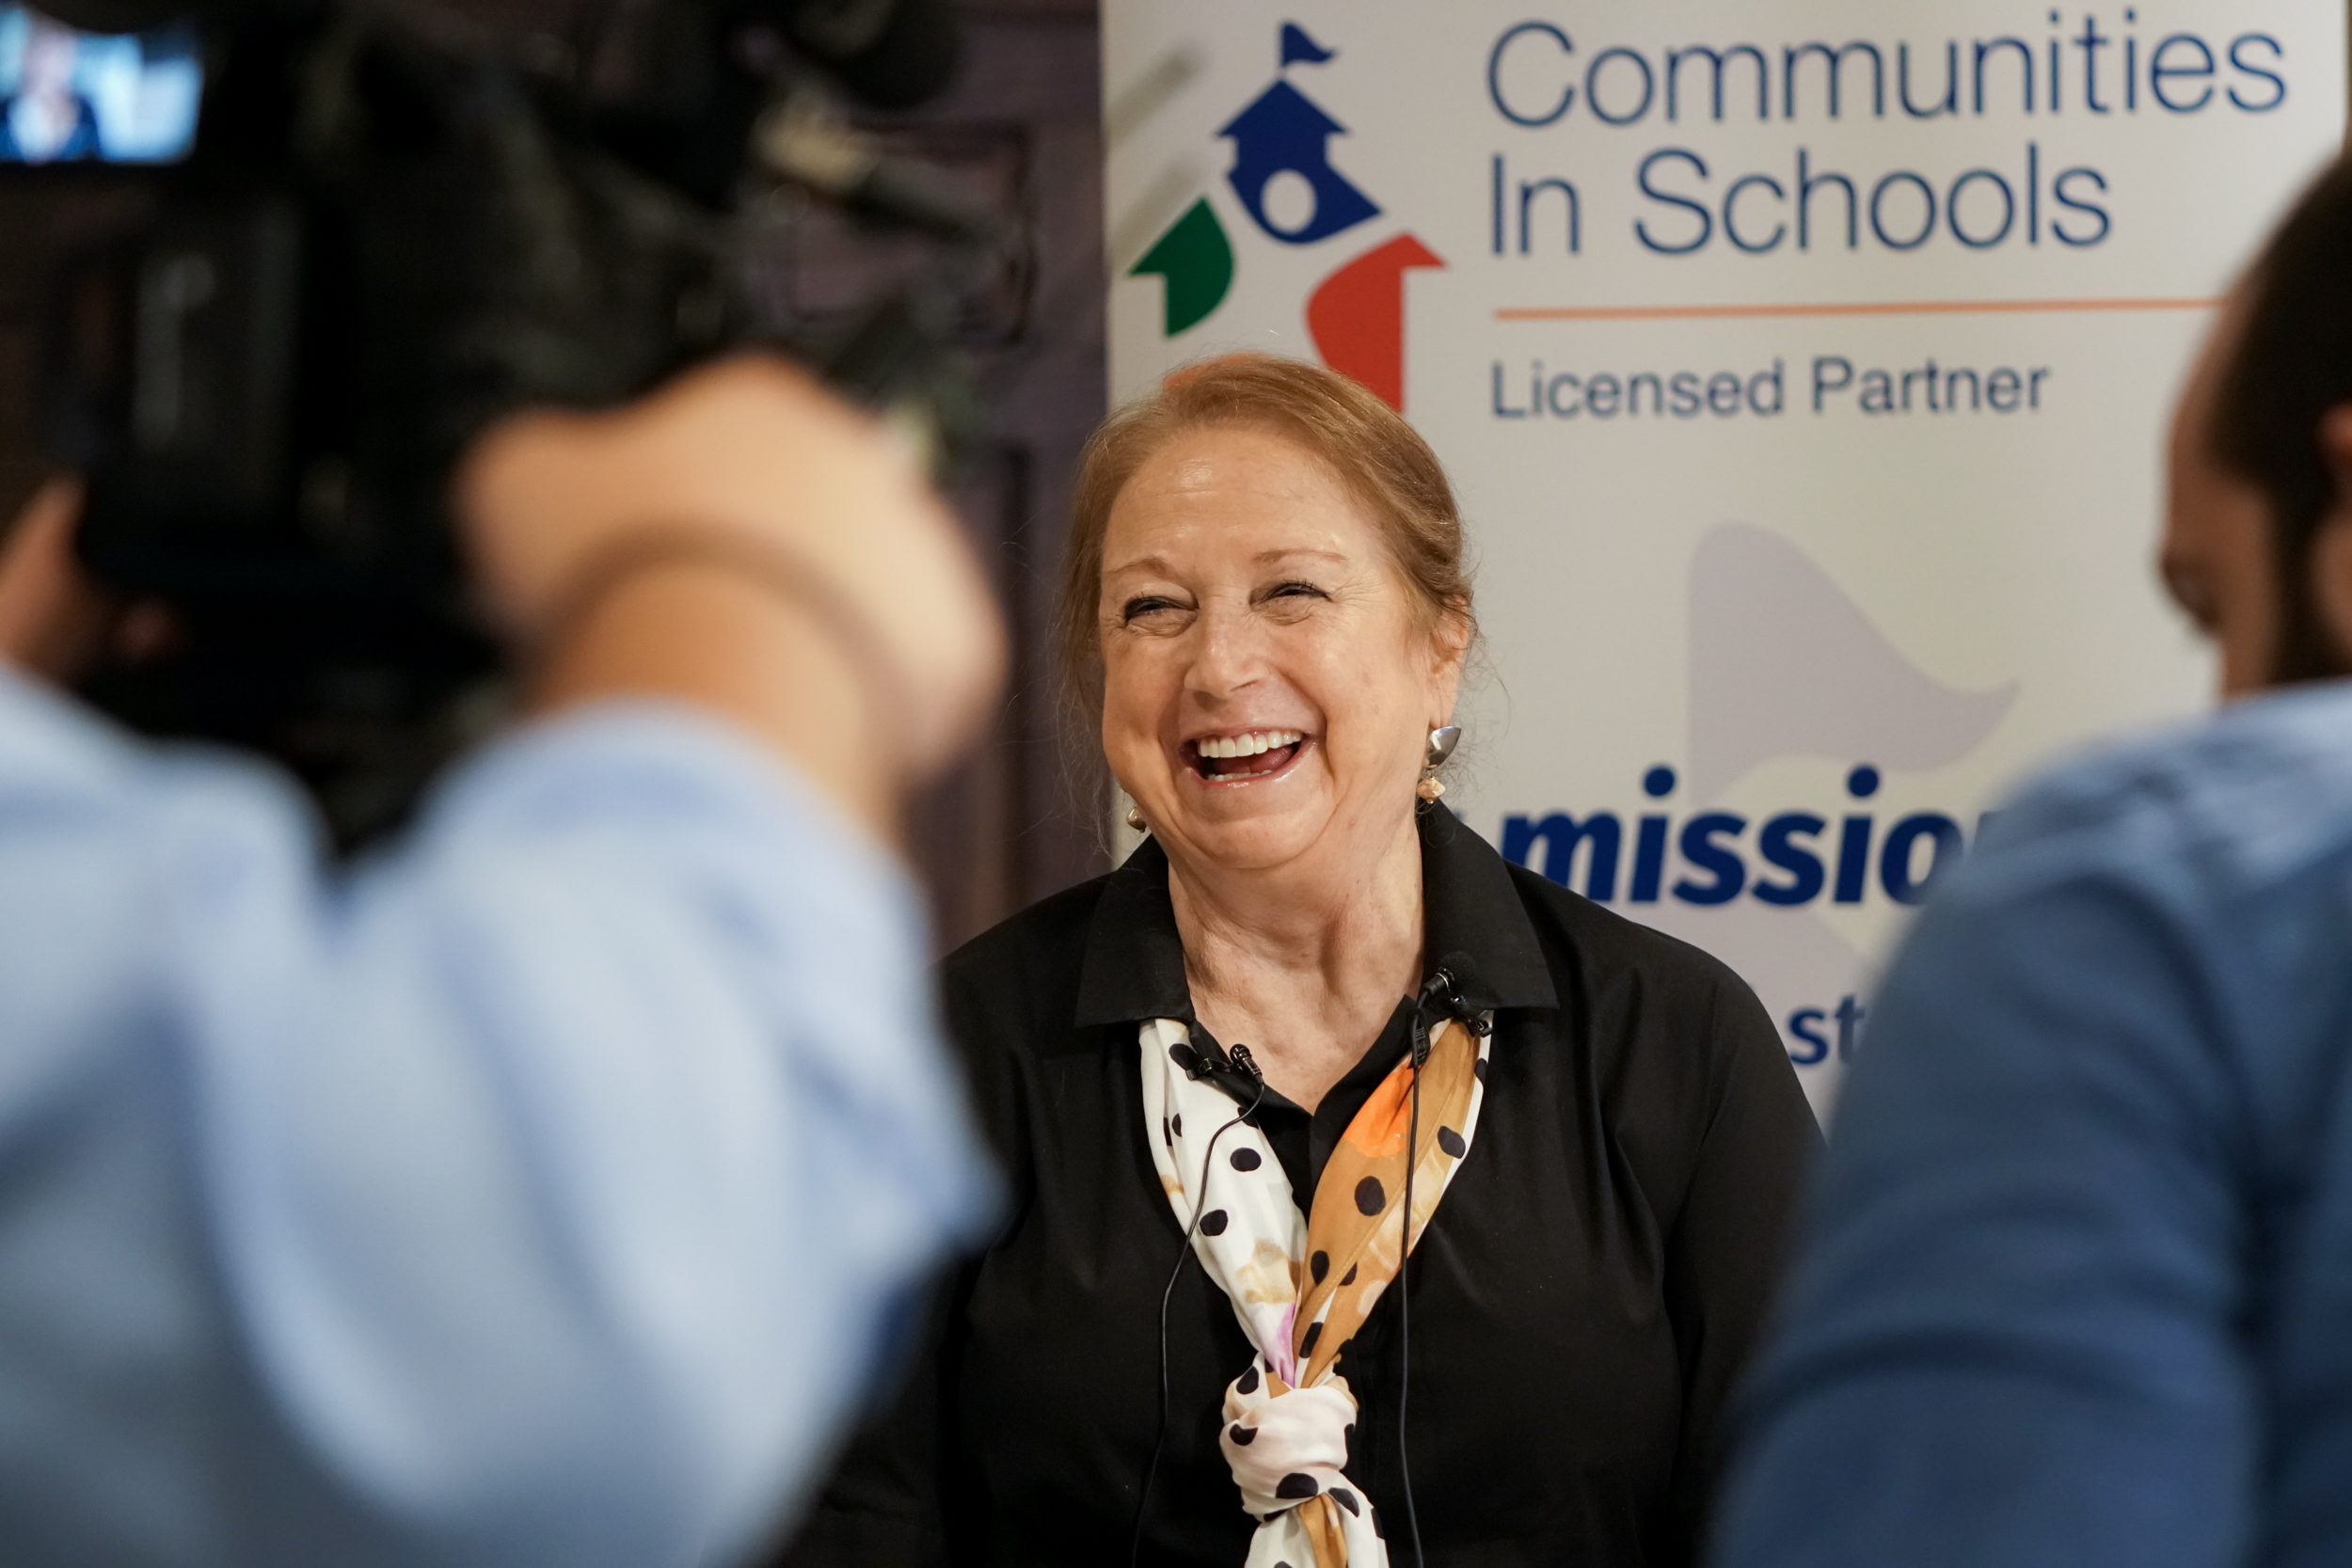 2019 Communities in Schools